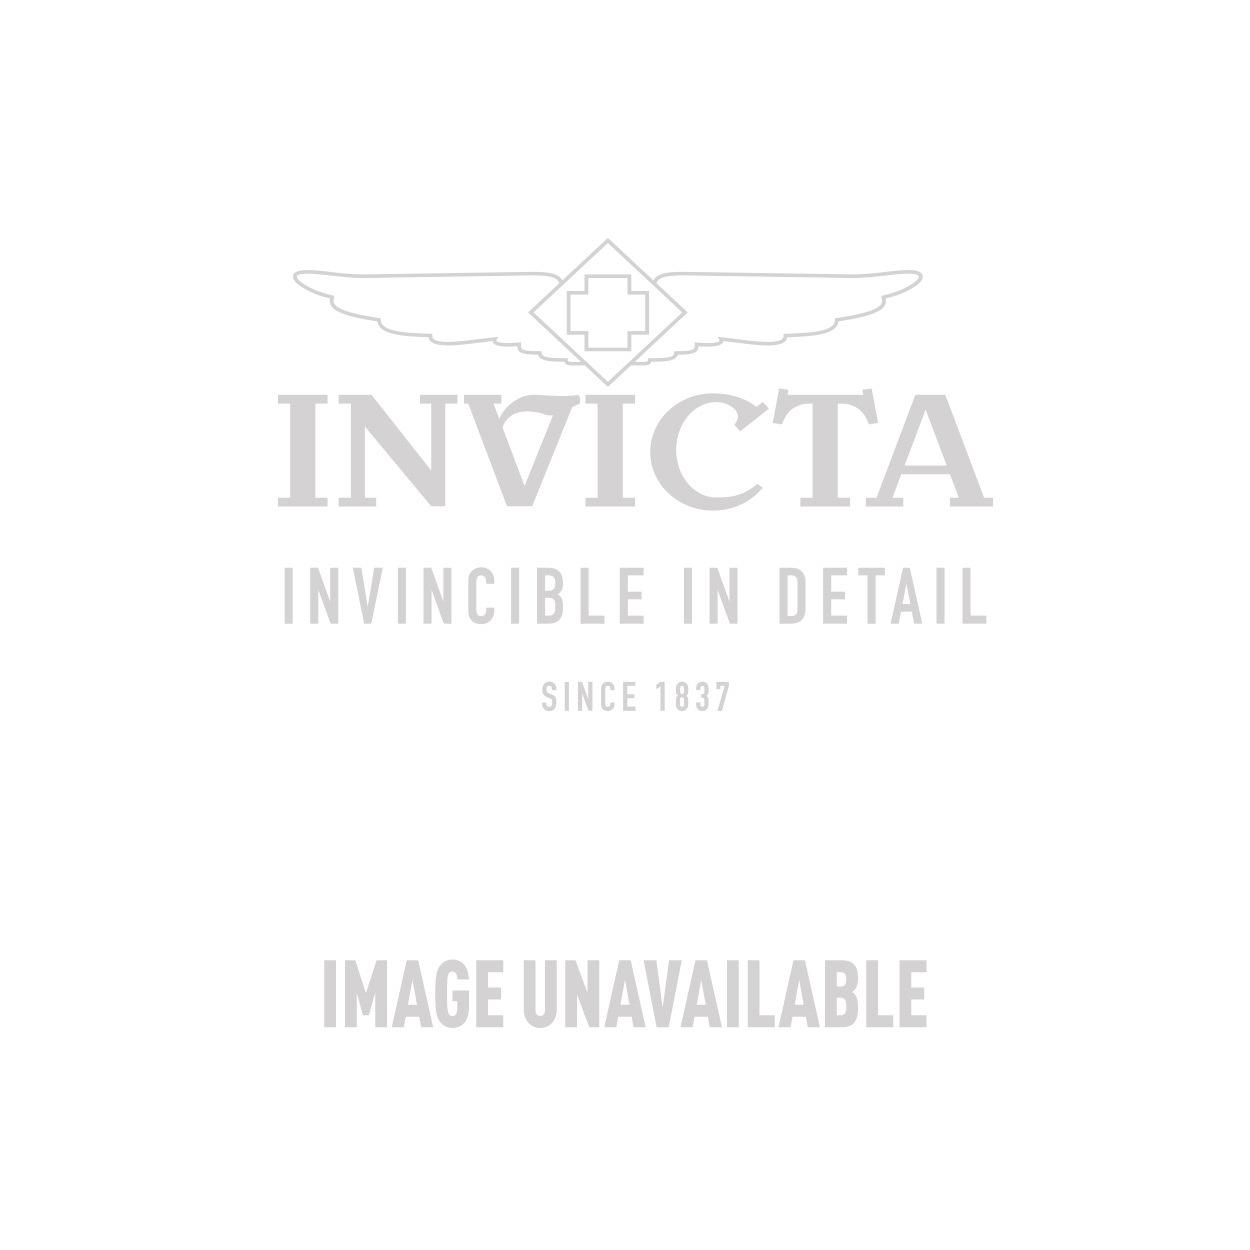 Invicta Model 29396